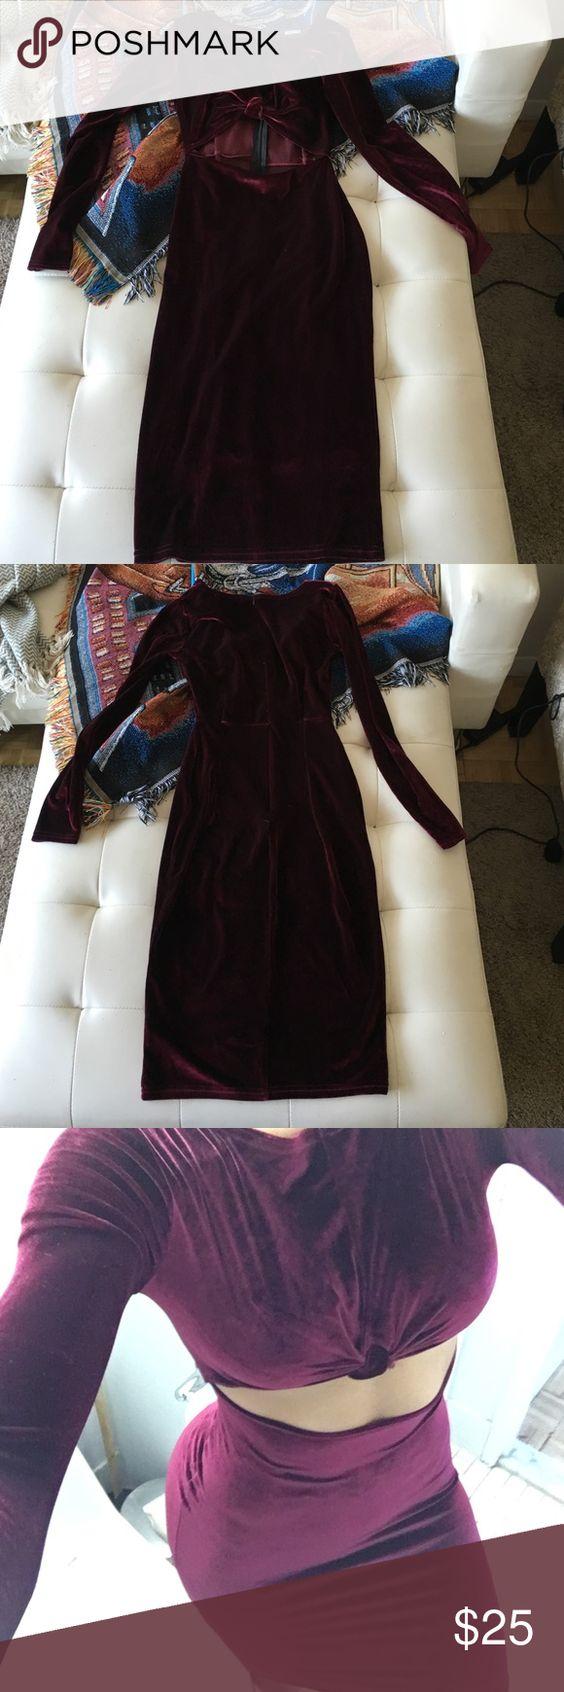 Missguided Velvet Knot Dress - worn 1x!!! Burgundy Missguided Knot dress - prefect condition - worn 1x! Missguided Dresses Midi